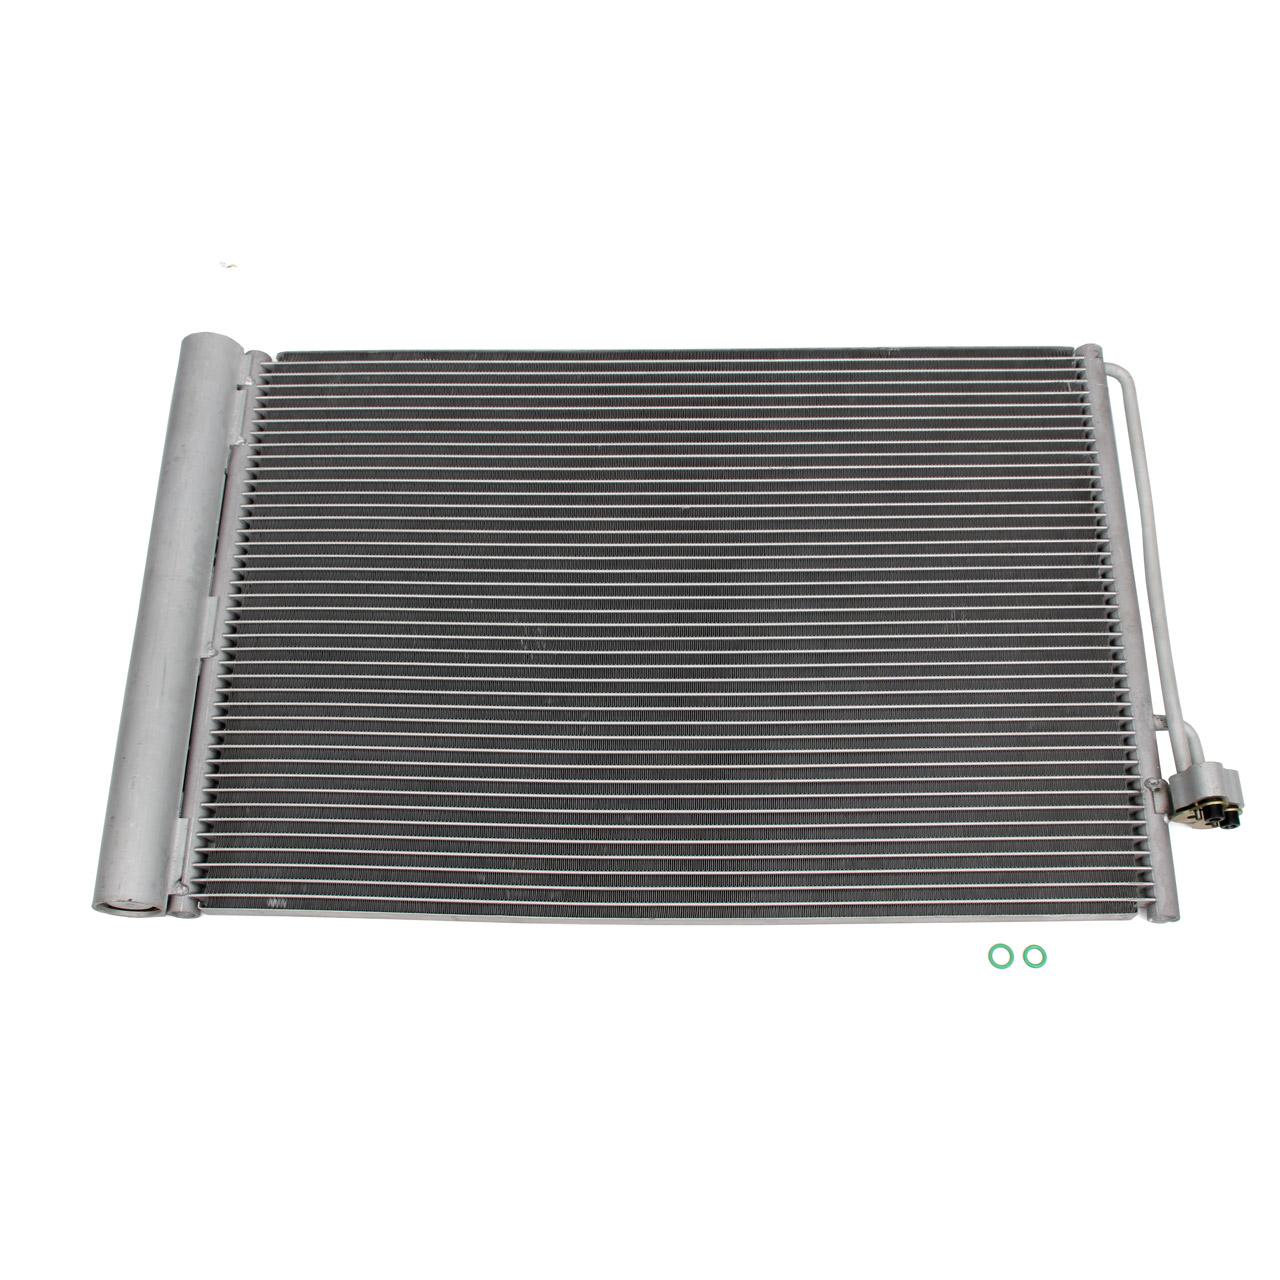 NRF 35537 Kondensator EASY FIT BMW 5er E60 E61 6er E63 E64 7er E65 Benzin 64502282939